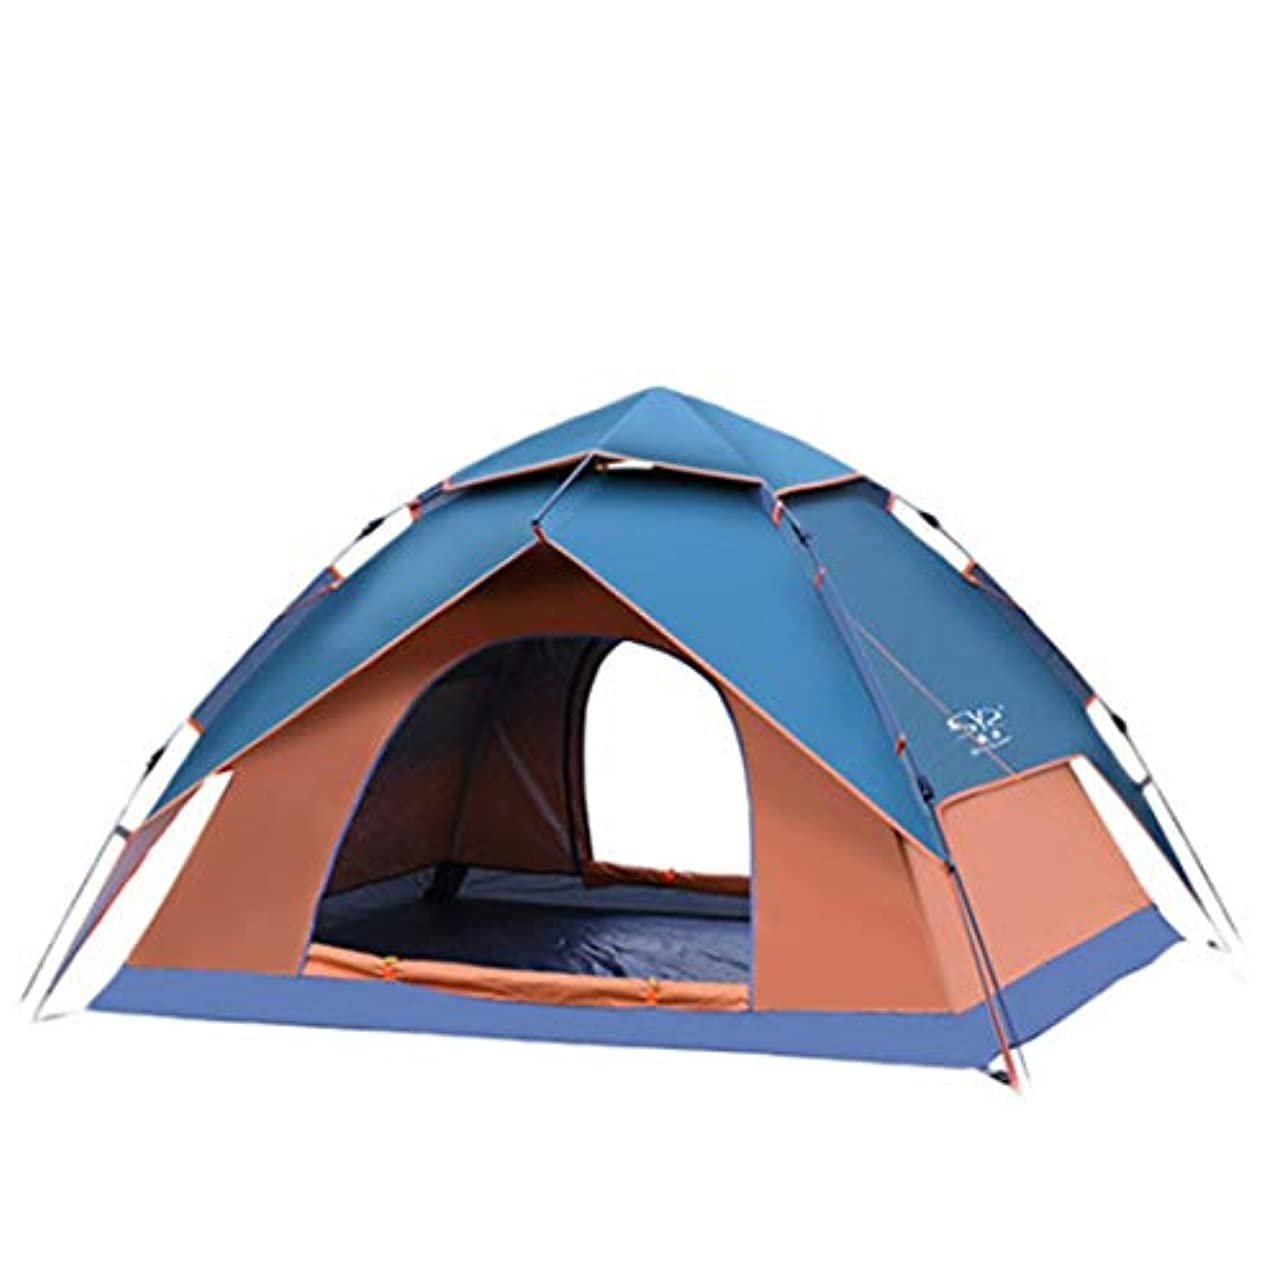 貢献男らしい薄暗いMHKBD-JP 3-4人丈夫なキャンプテント自動インスタントポップアップバックパッキングテント超軽量防水ハイキングキャンプ旅行、サンシェード蚊 キャンプテント (色 : オレンジ)